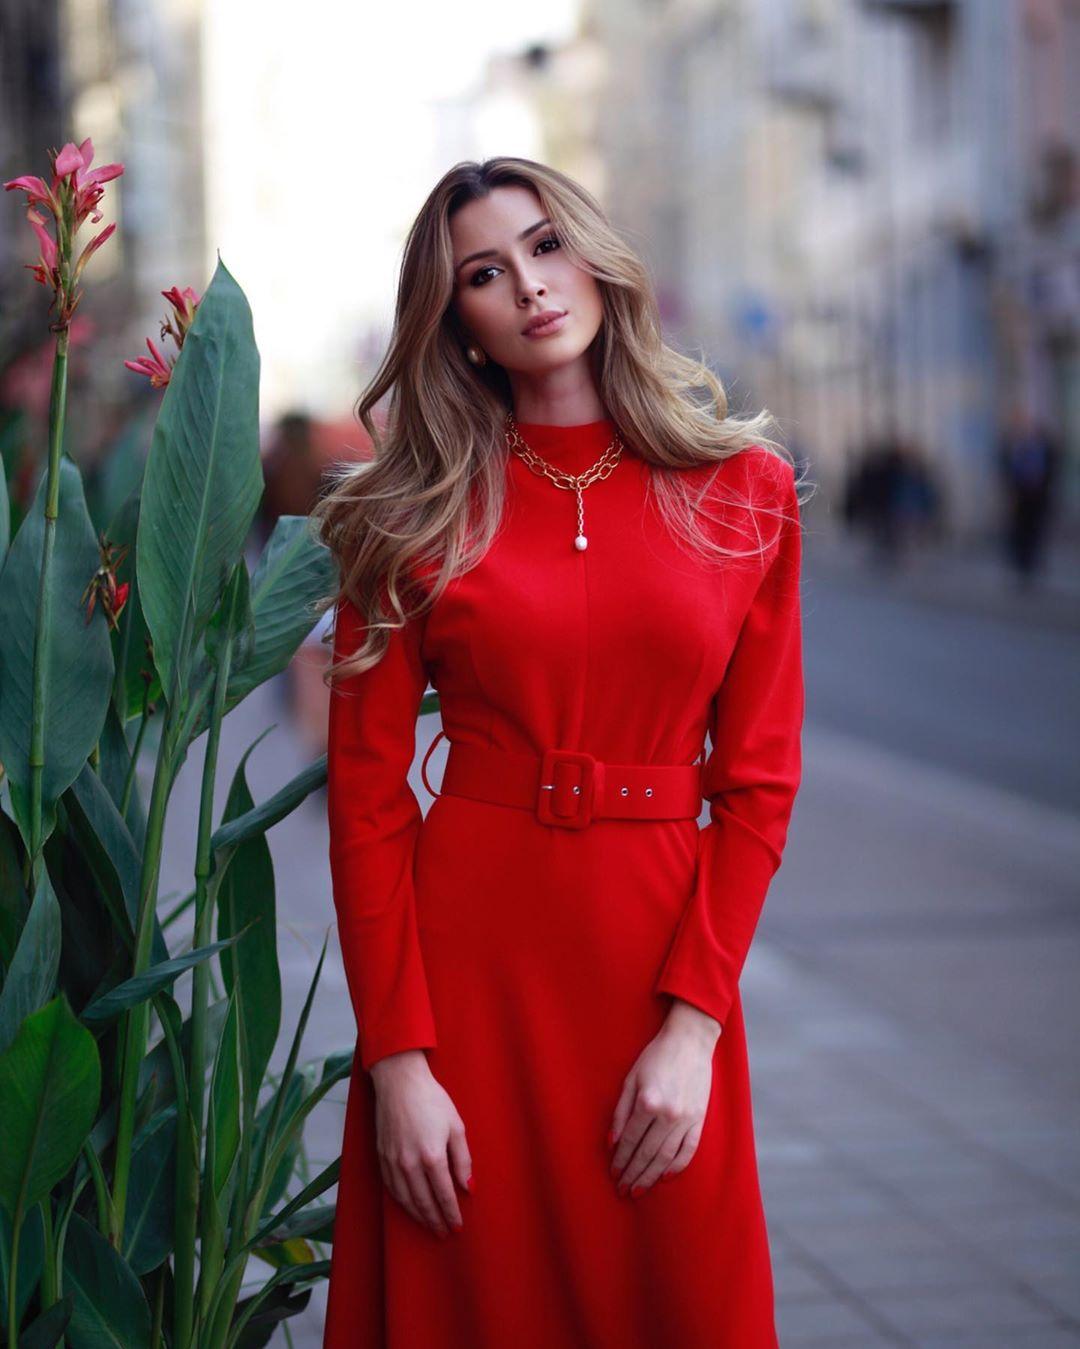 Дочка Анастасії Заворотнюк звернулася до шанувальників: Анна вперше заговорила про наболіле